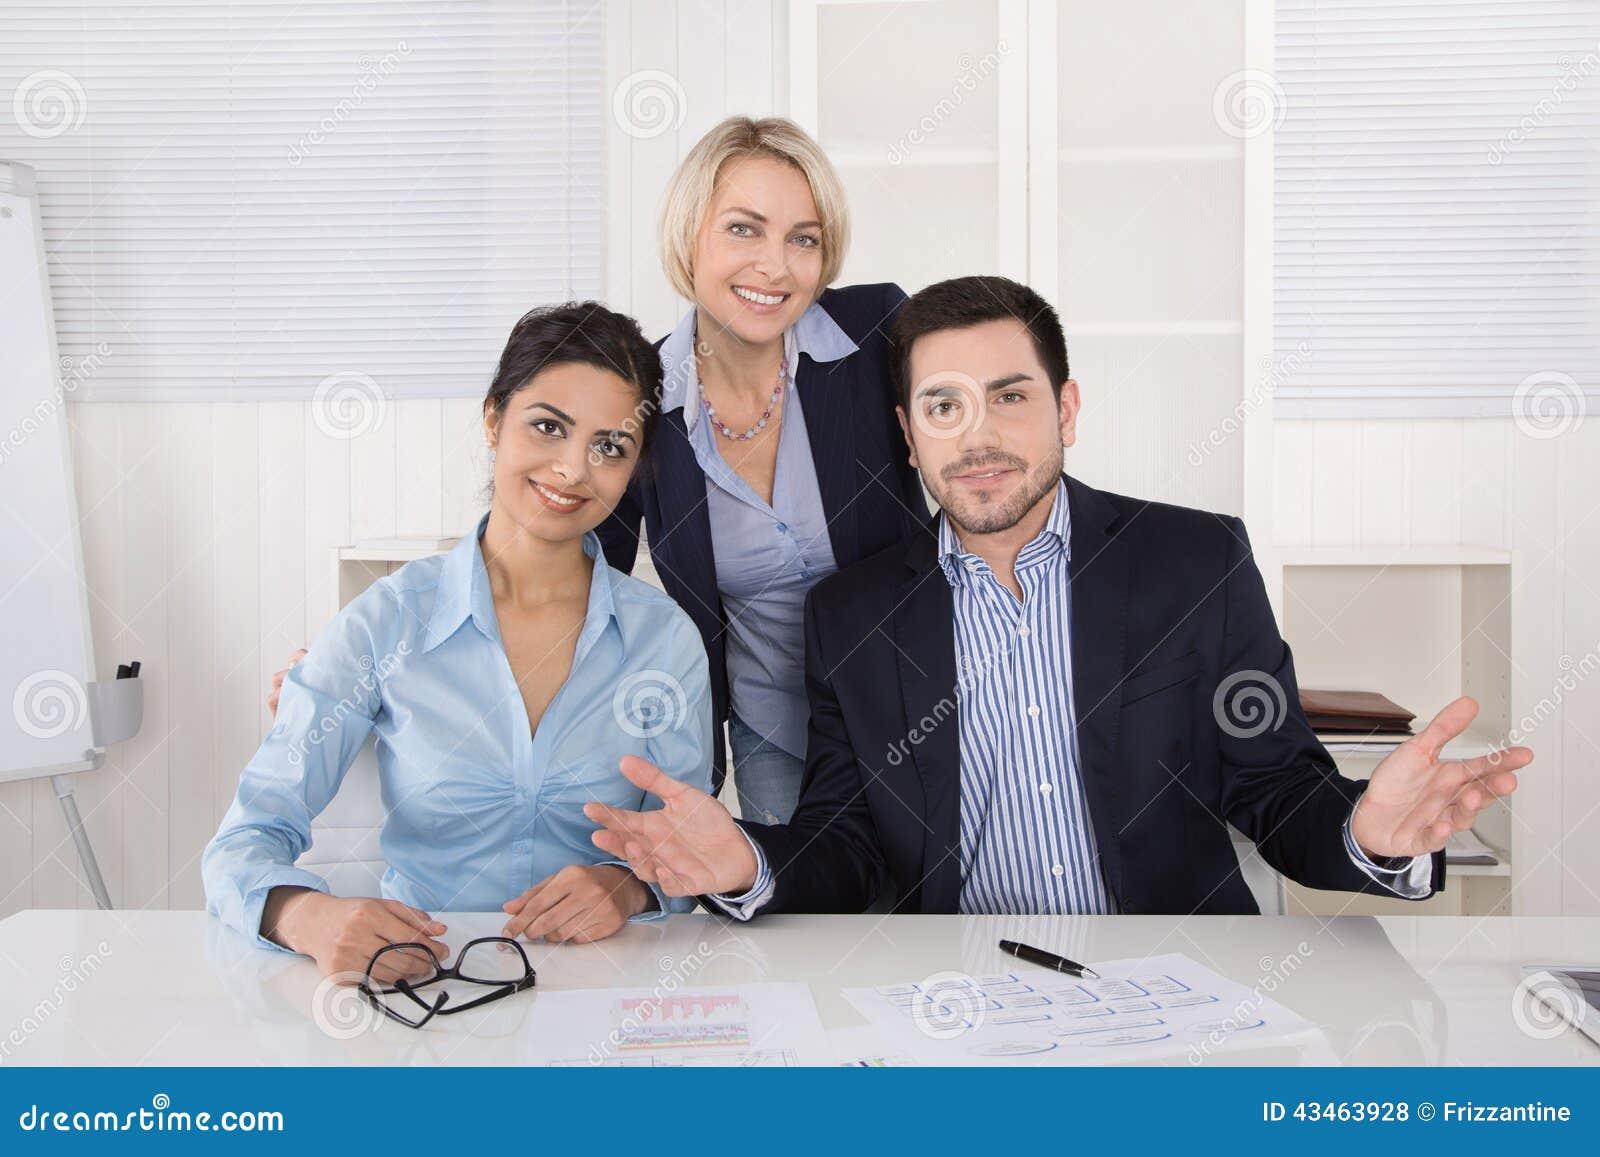 Stående: lyckat le affärslag av tre personer; man